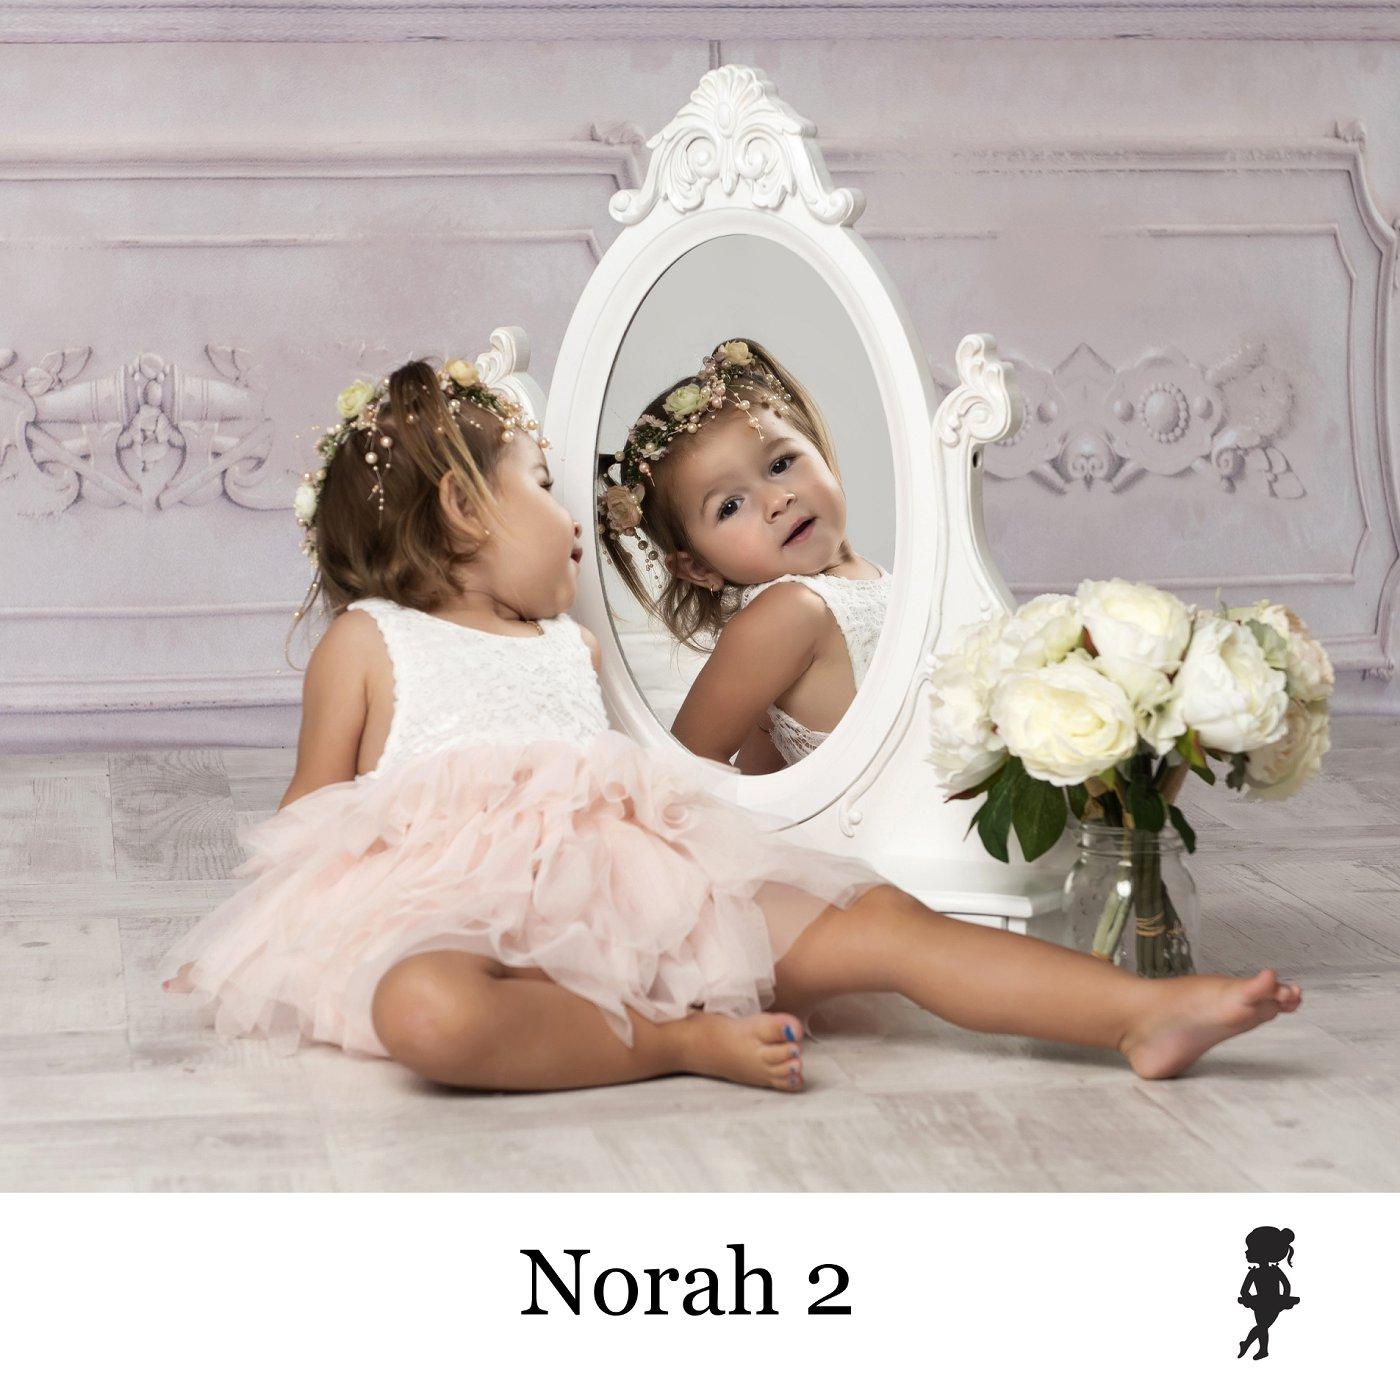 LB5019- Norah 2.jpg